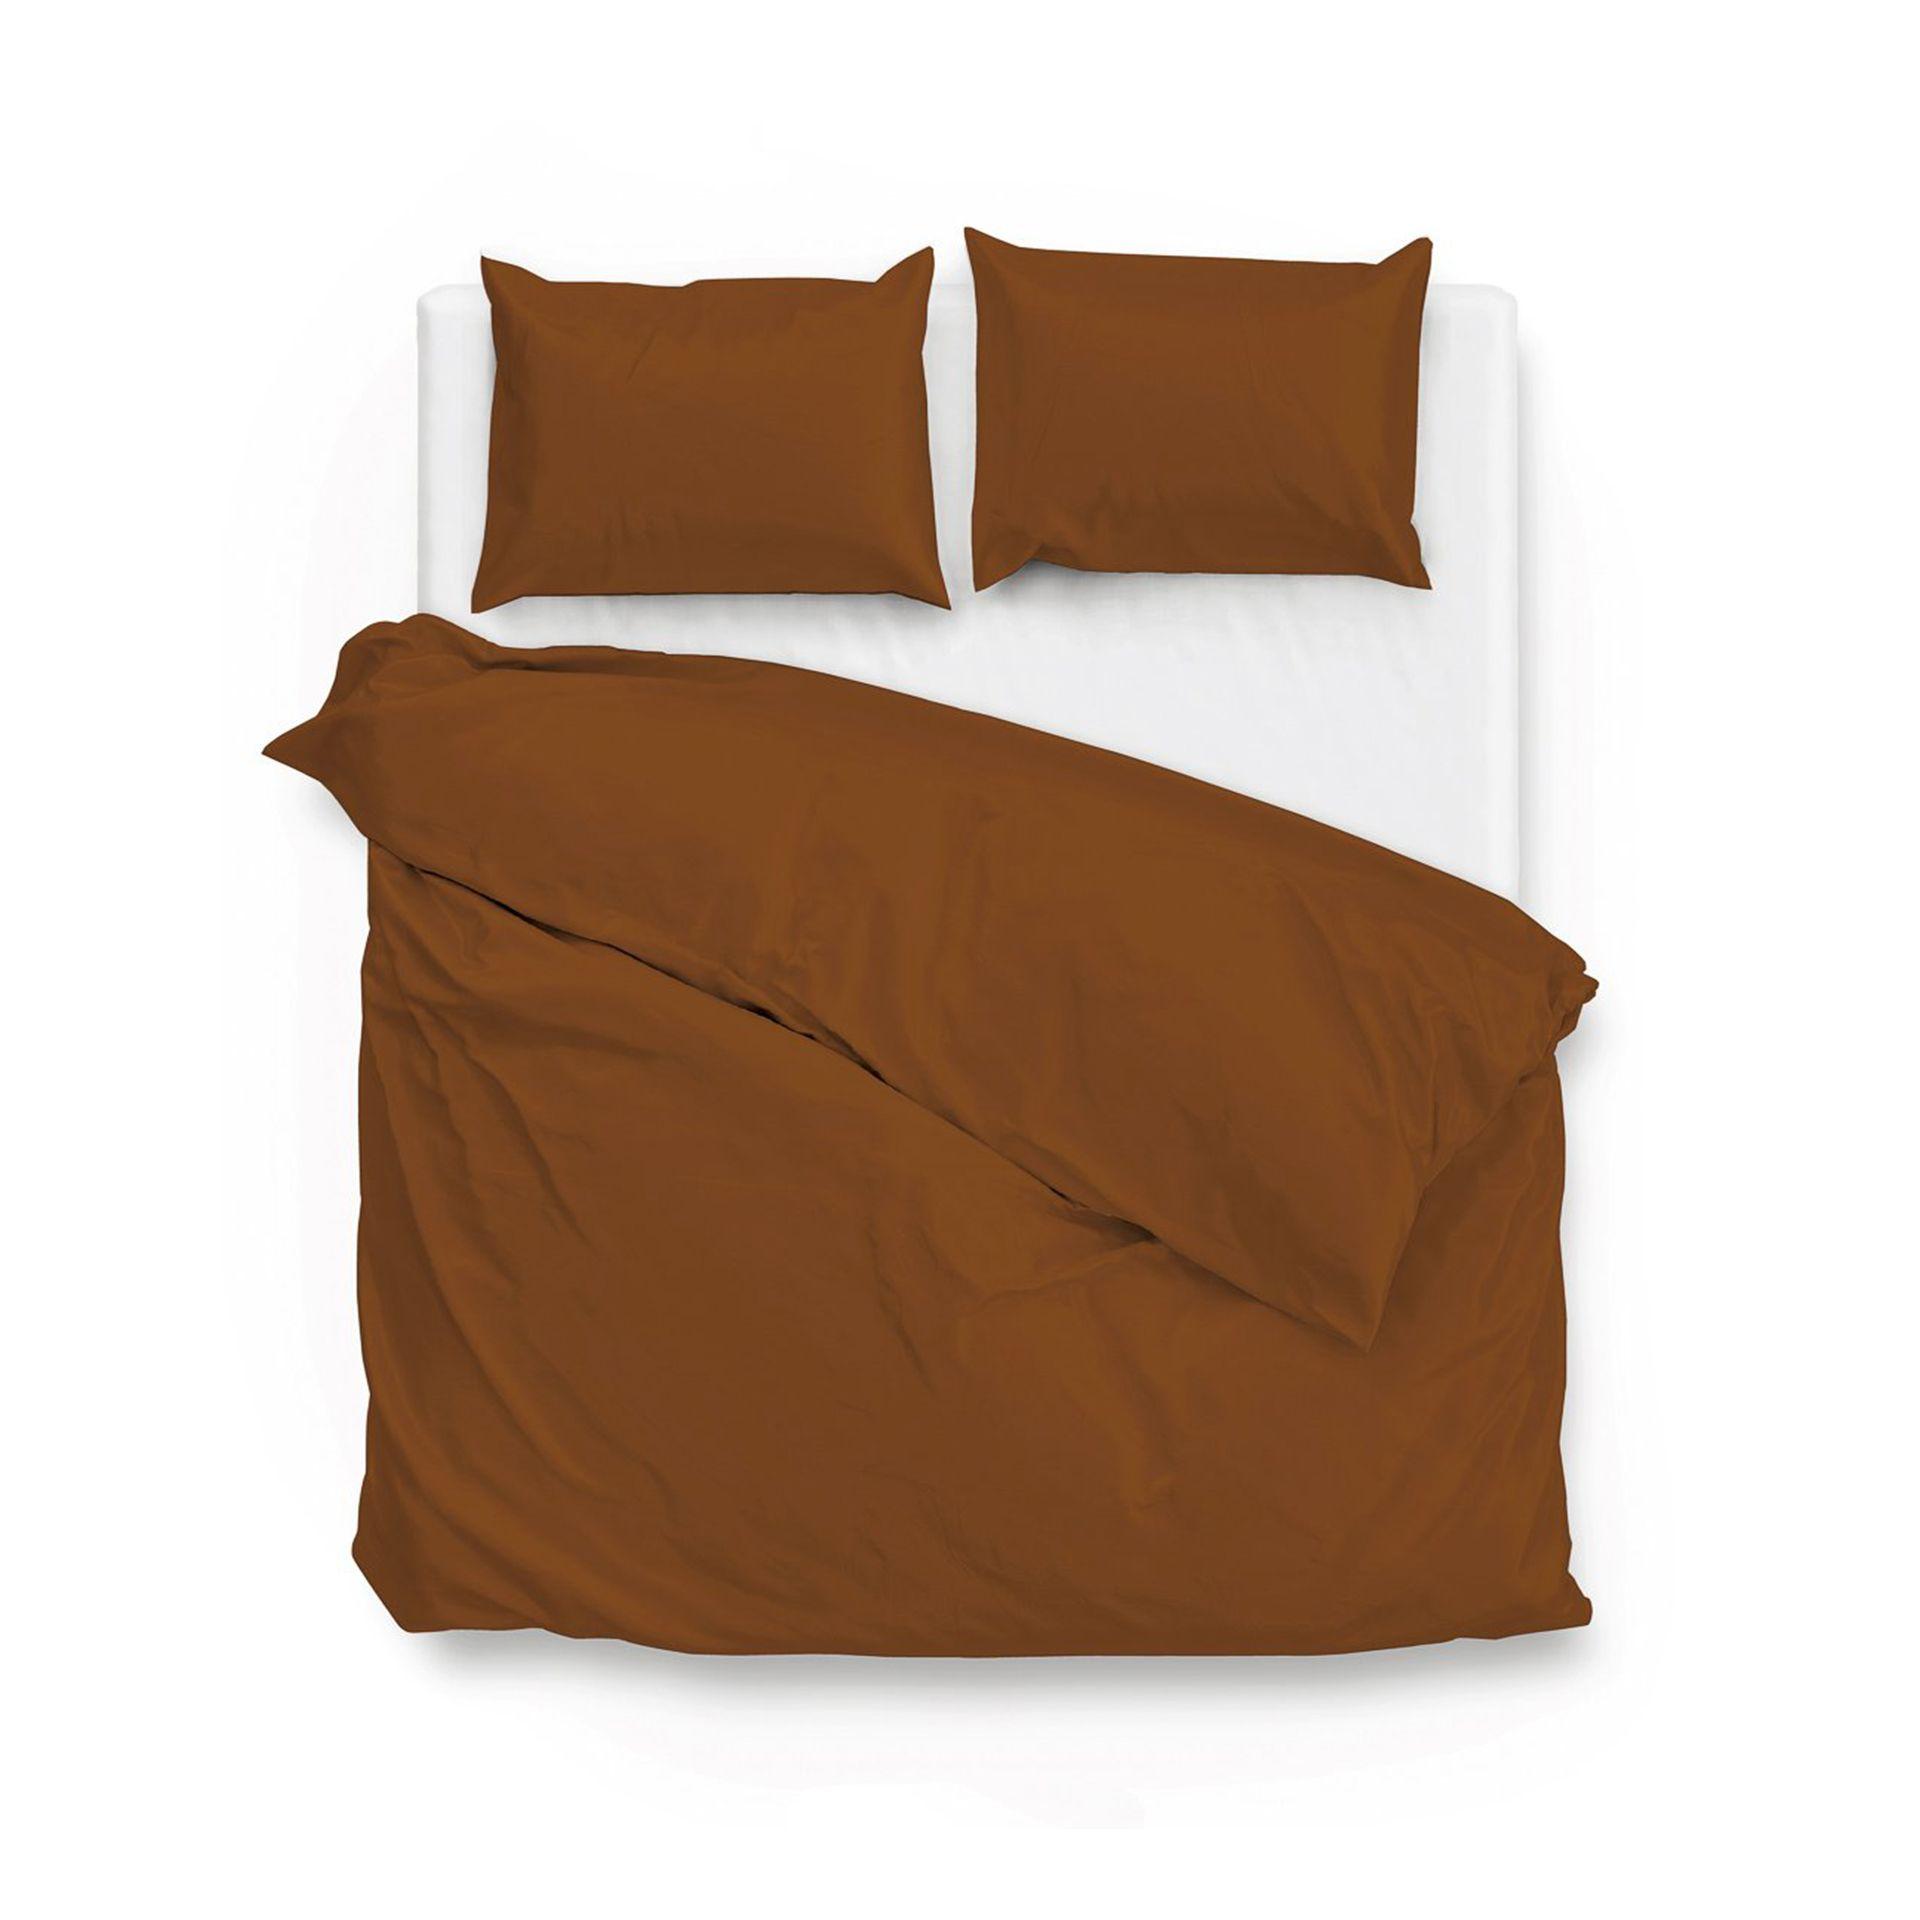 Zo!Home - Satinado copper orange Dekbedovertrek